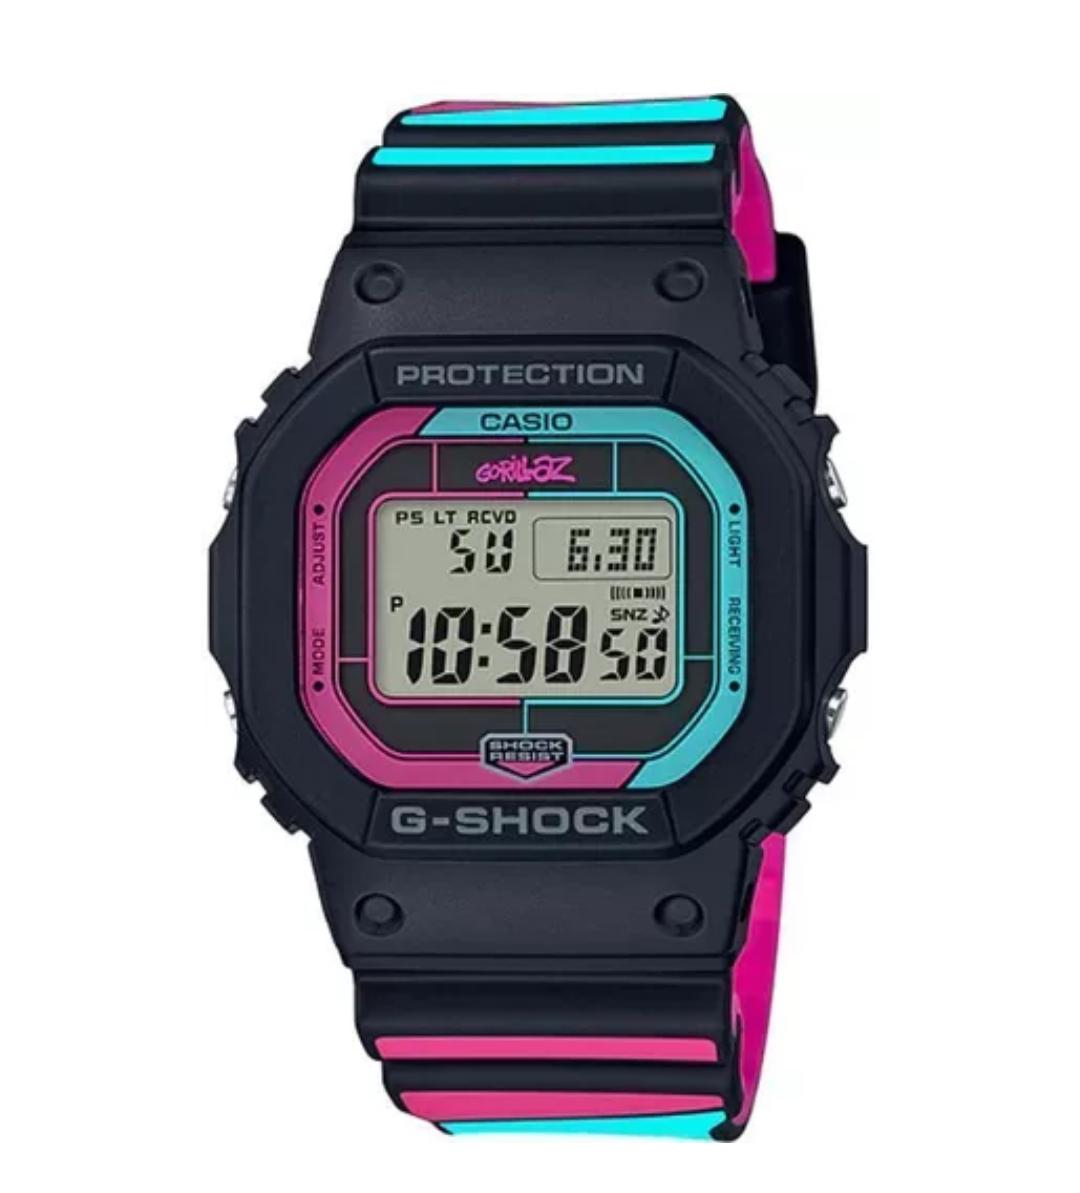 Zegarek męski Casio G-Shock GW-B5600GZ-1ER GORILLAZ